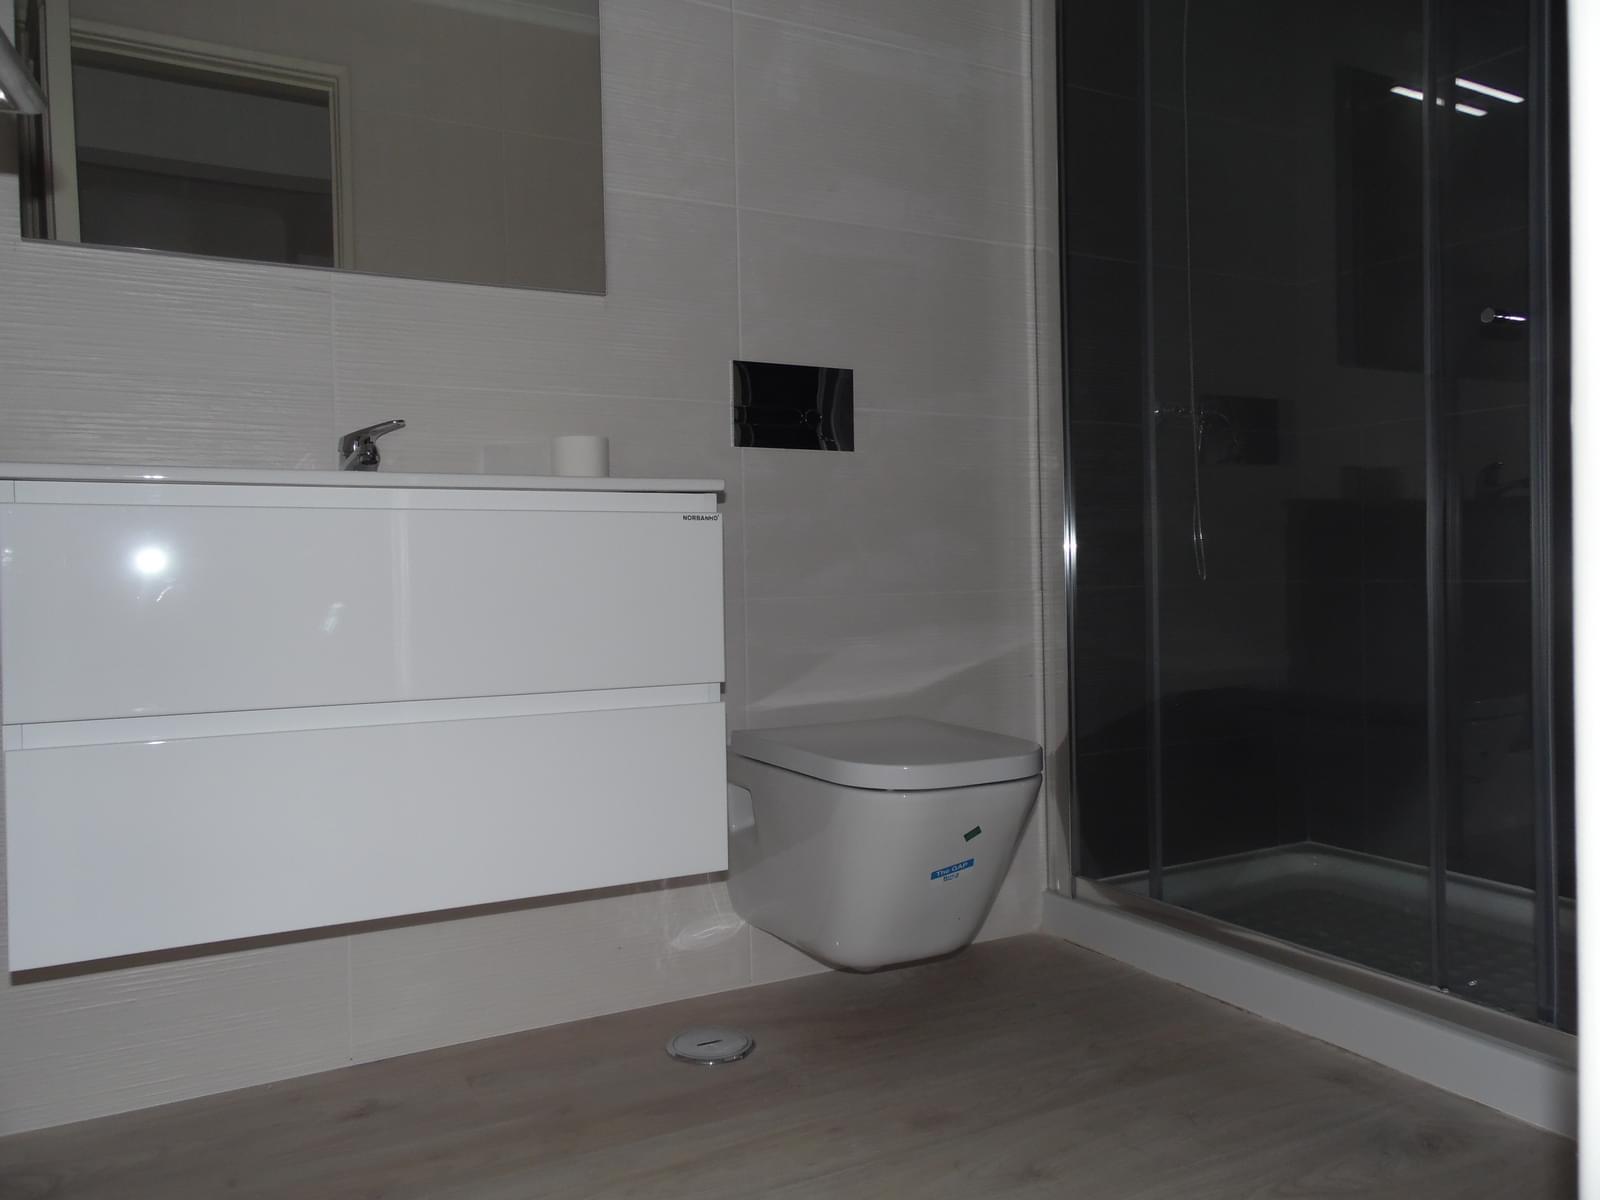 pf17195-apartamento-t3-oeiras-eddca8f0-0d99-4a7c-87ad-902f705ce104